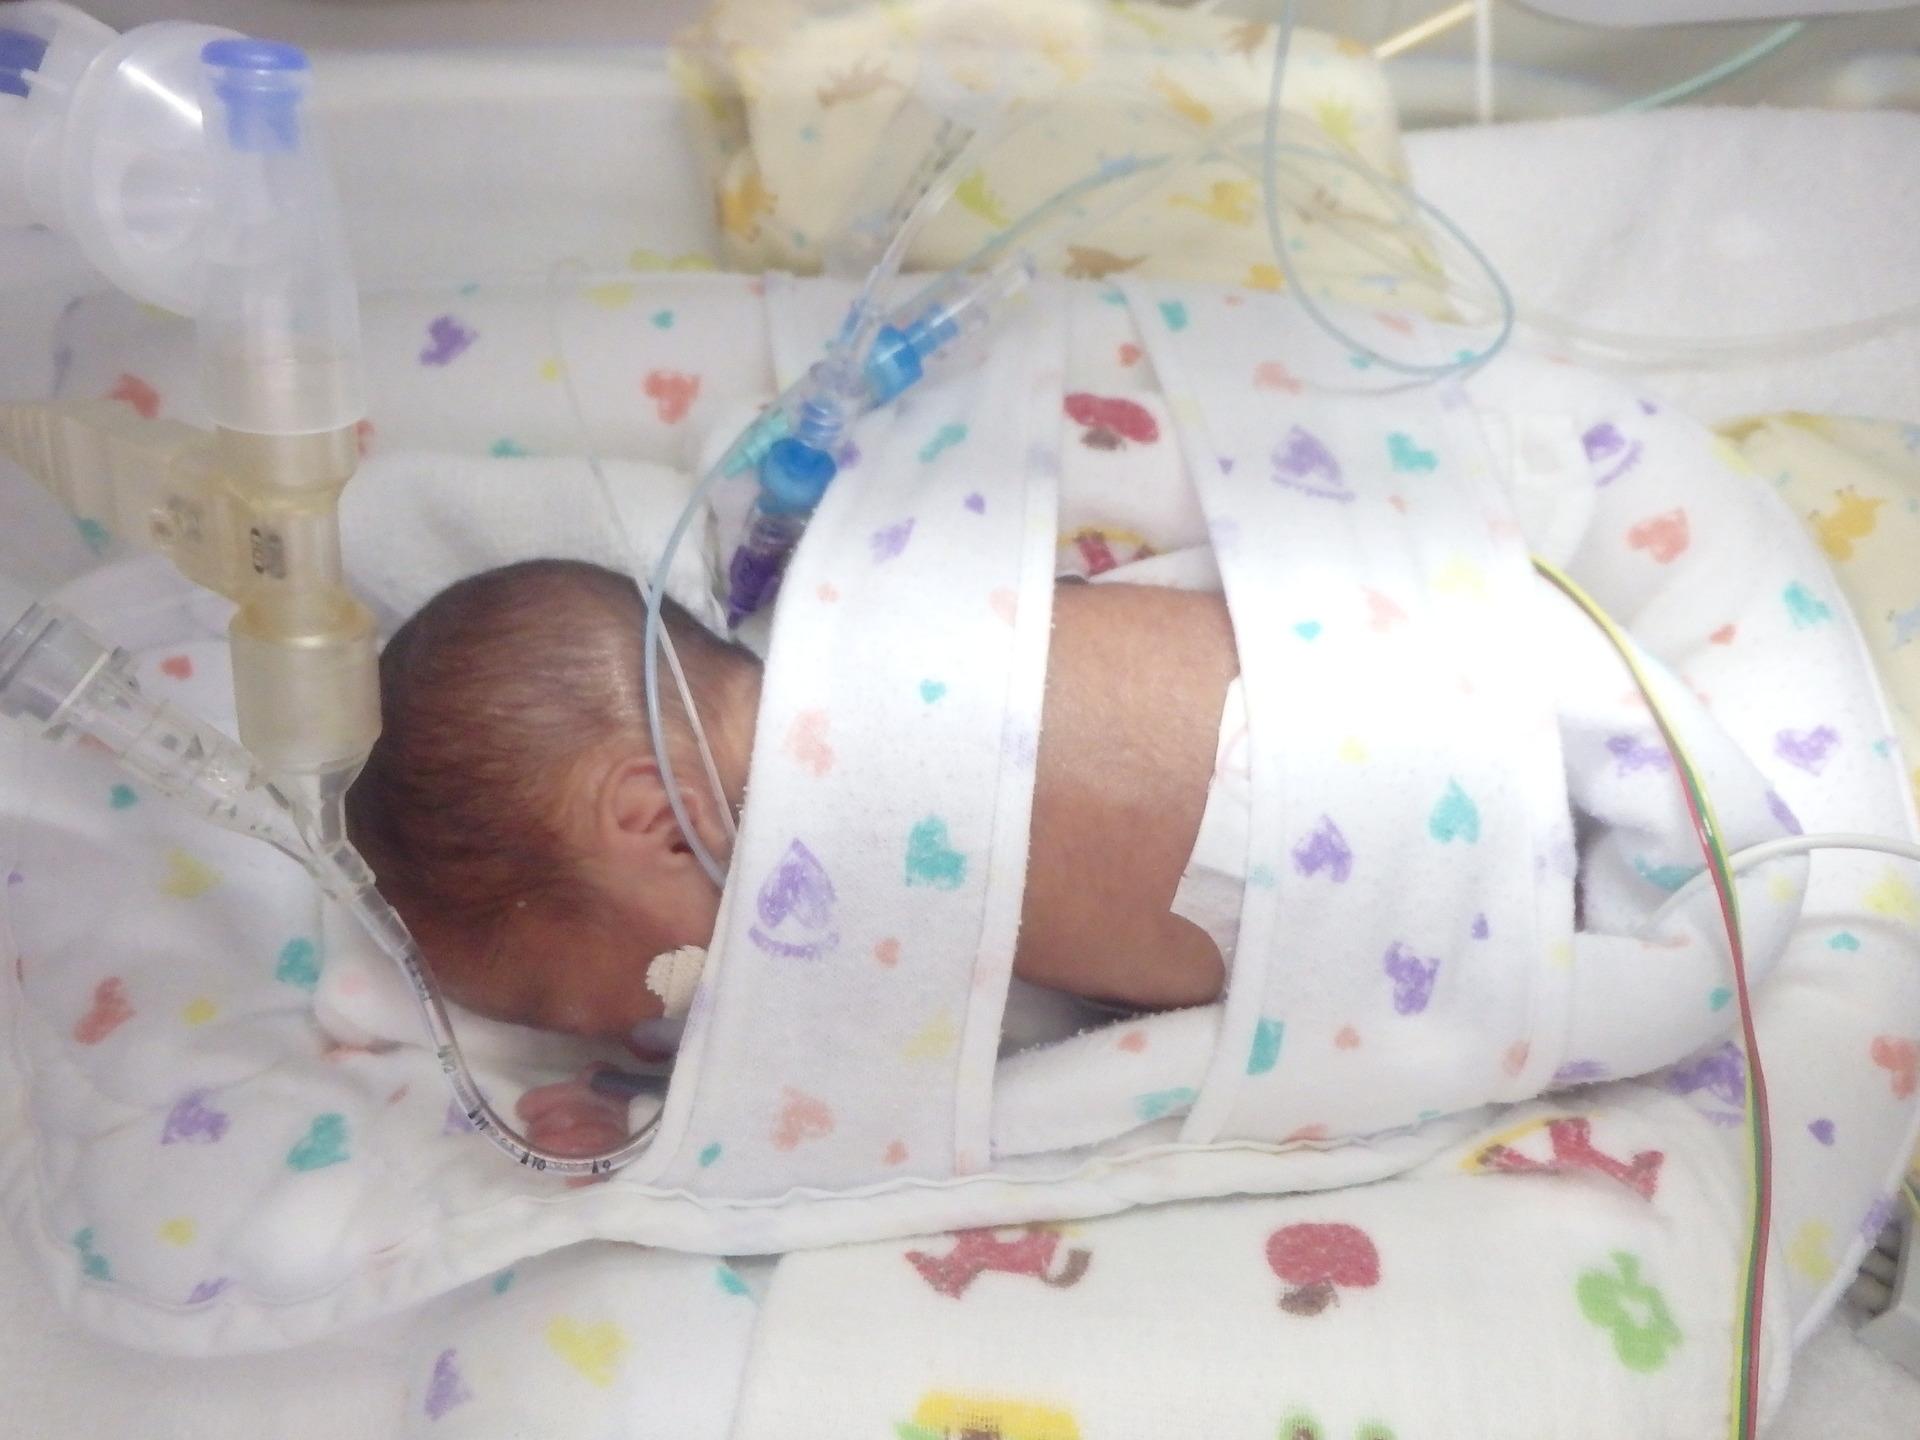 妊娠 25 週 【看護師監修】妊娠25週|胎児の体重、胎動、お腹の張りや切迫早産に...